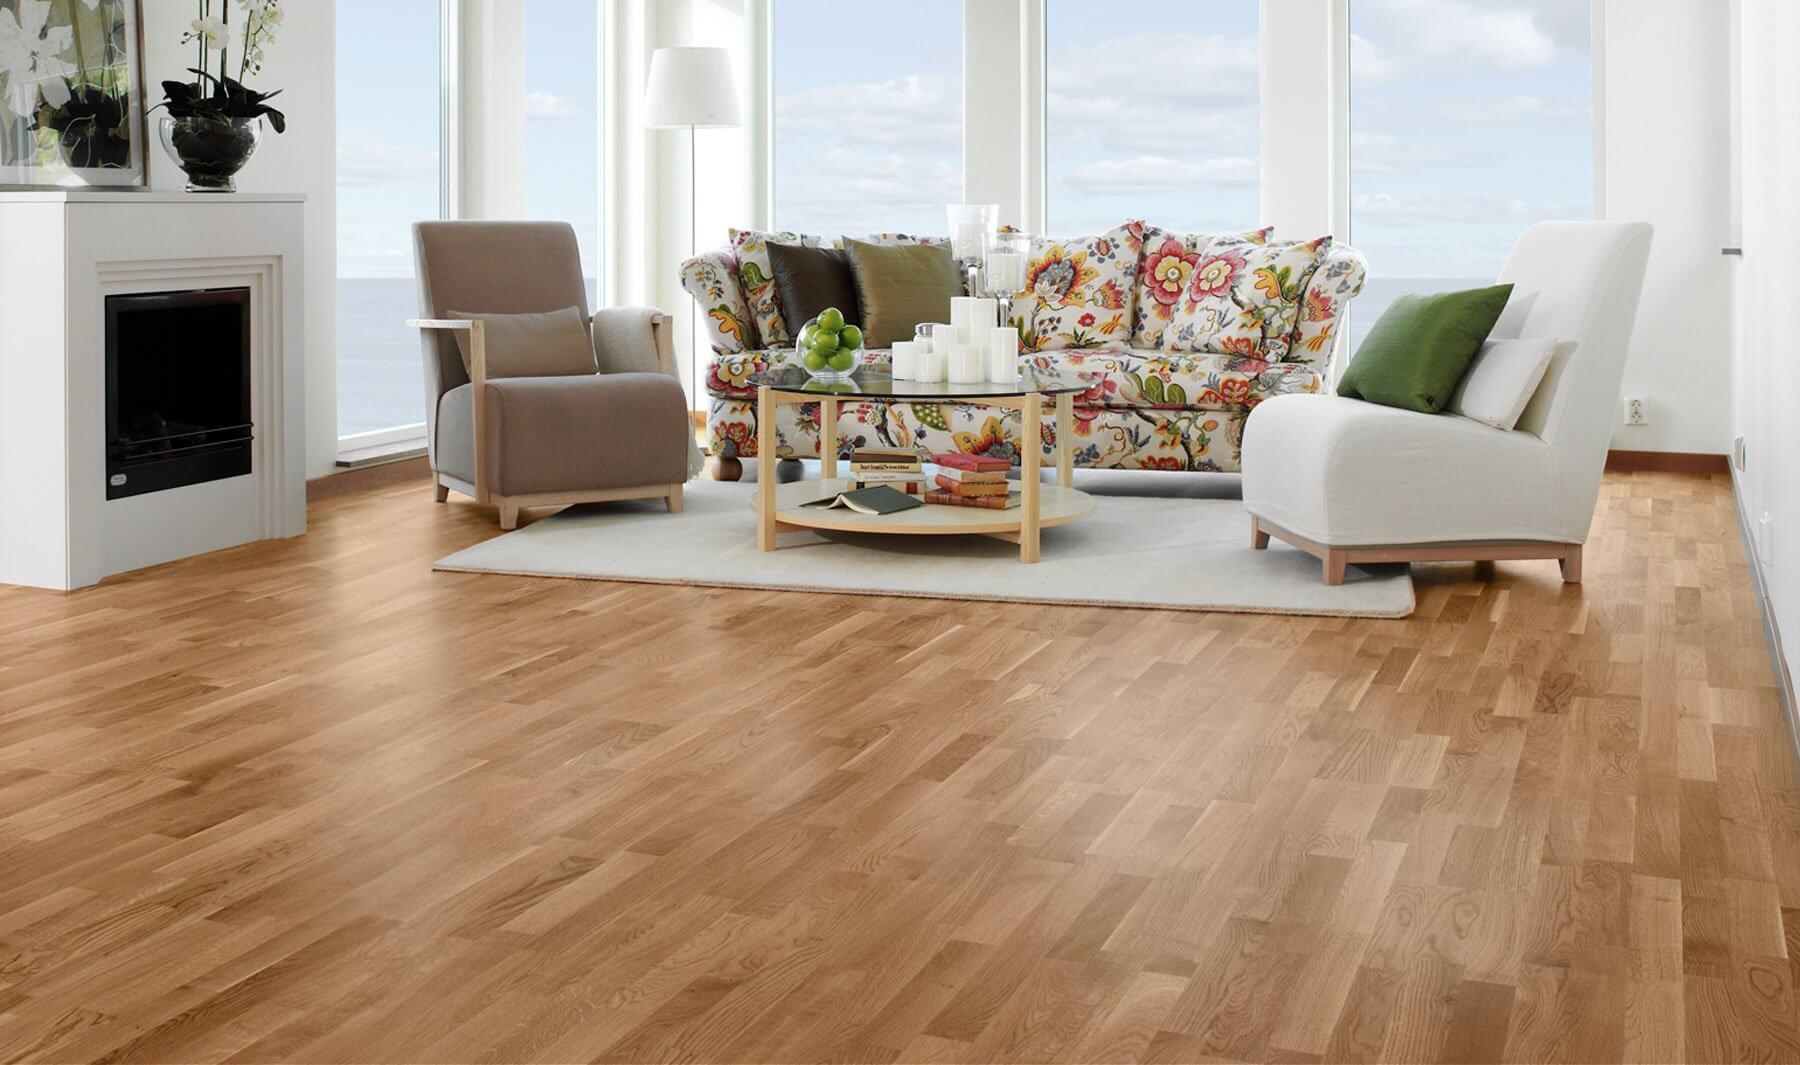 Pokój z drewnianą podłogą